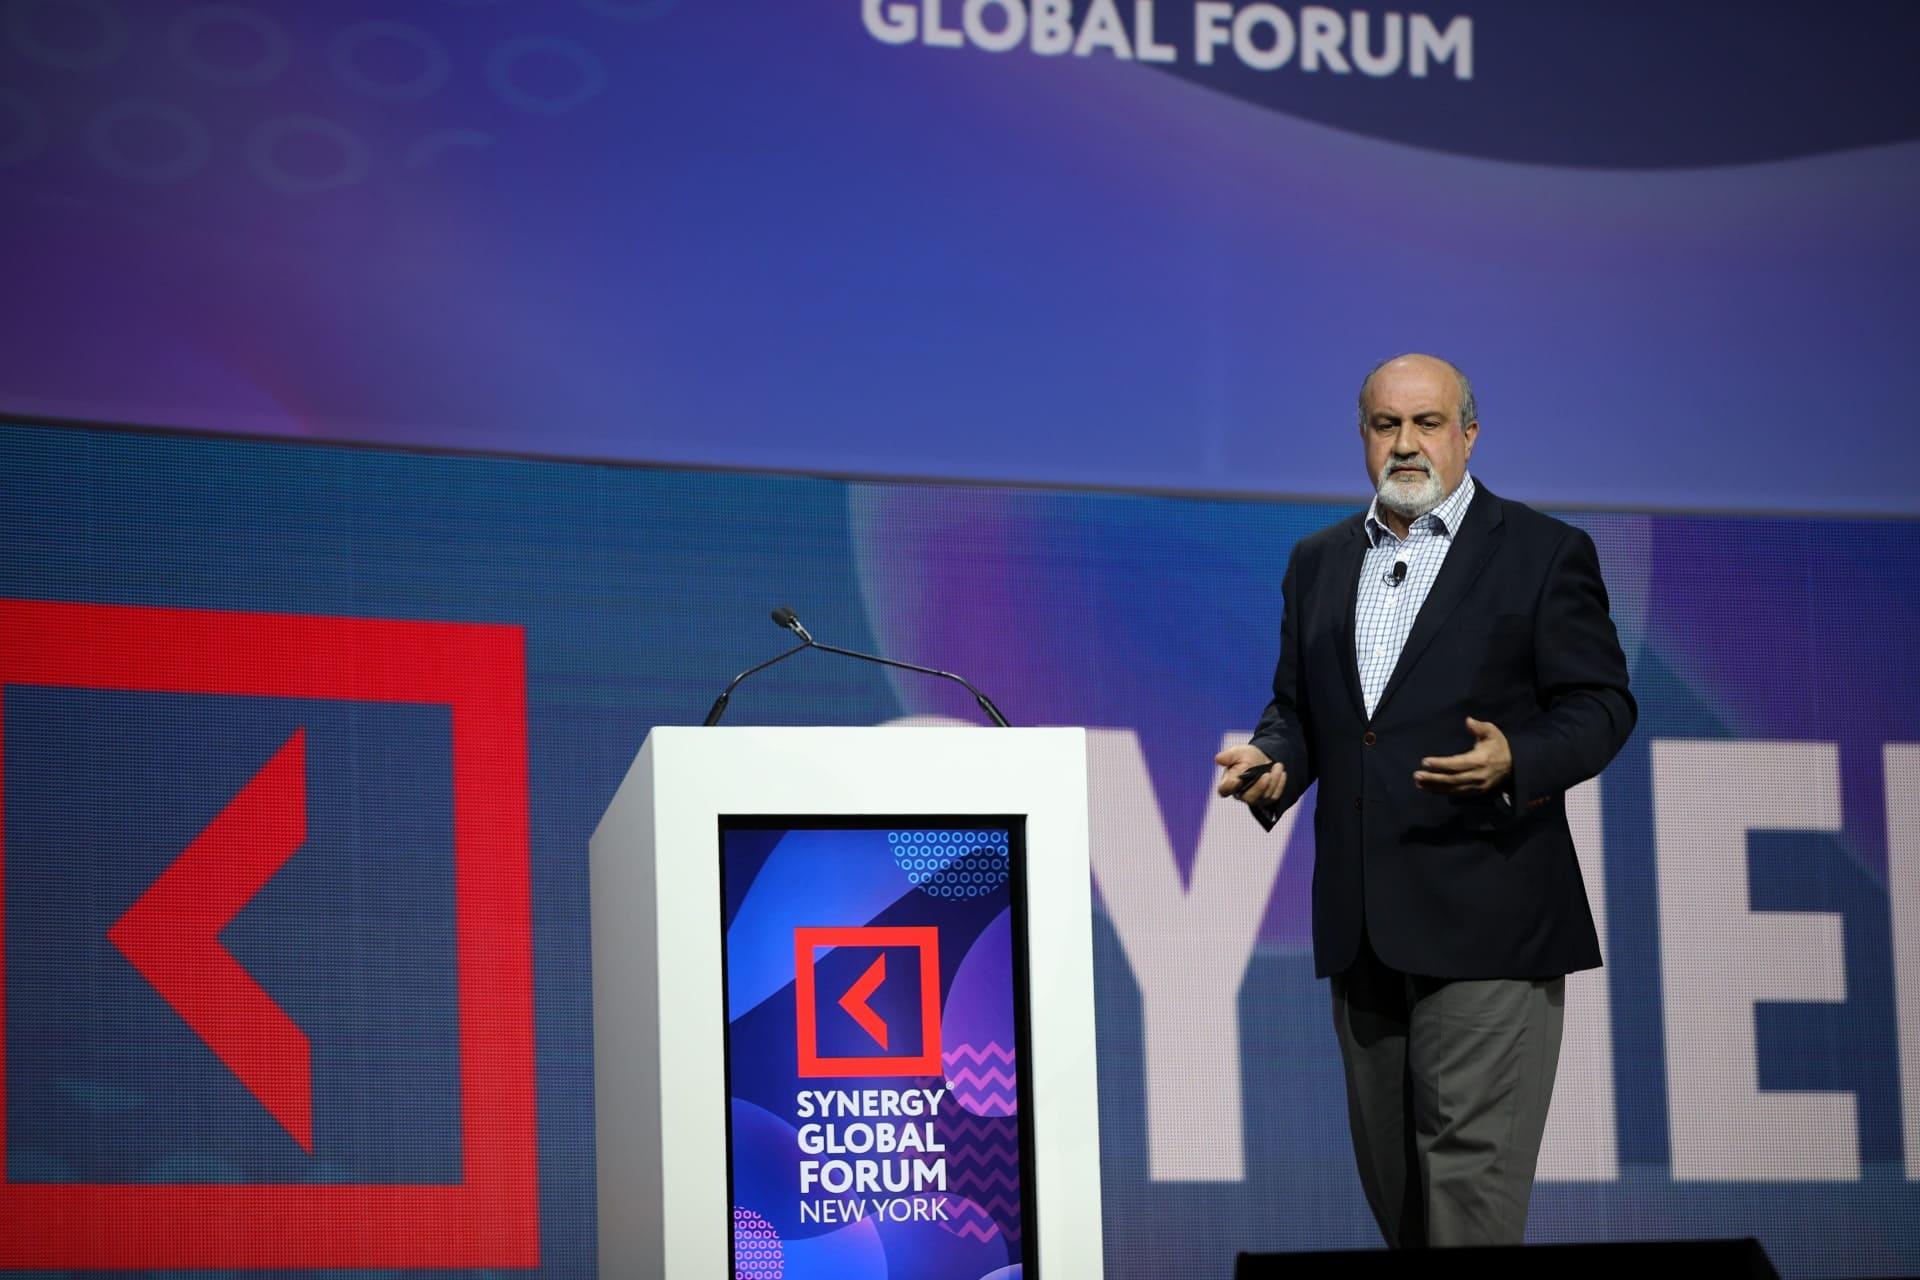 В Нью-Йорке состоялся Synergy Global Forum. Спикером стал Нассим Талеб